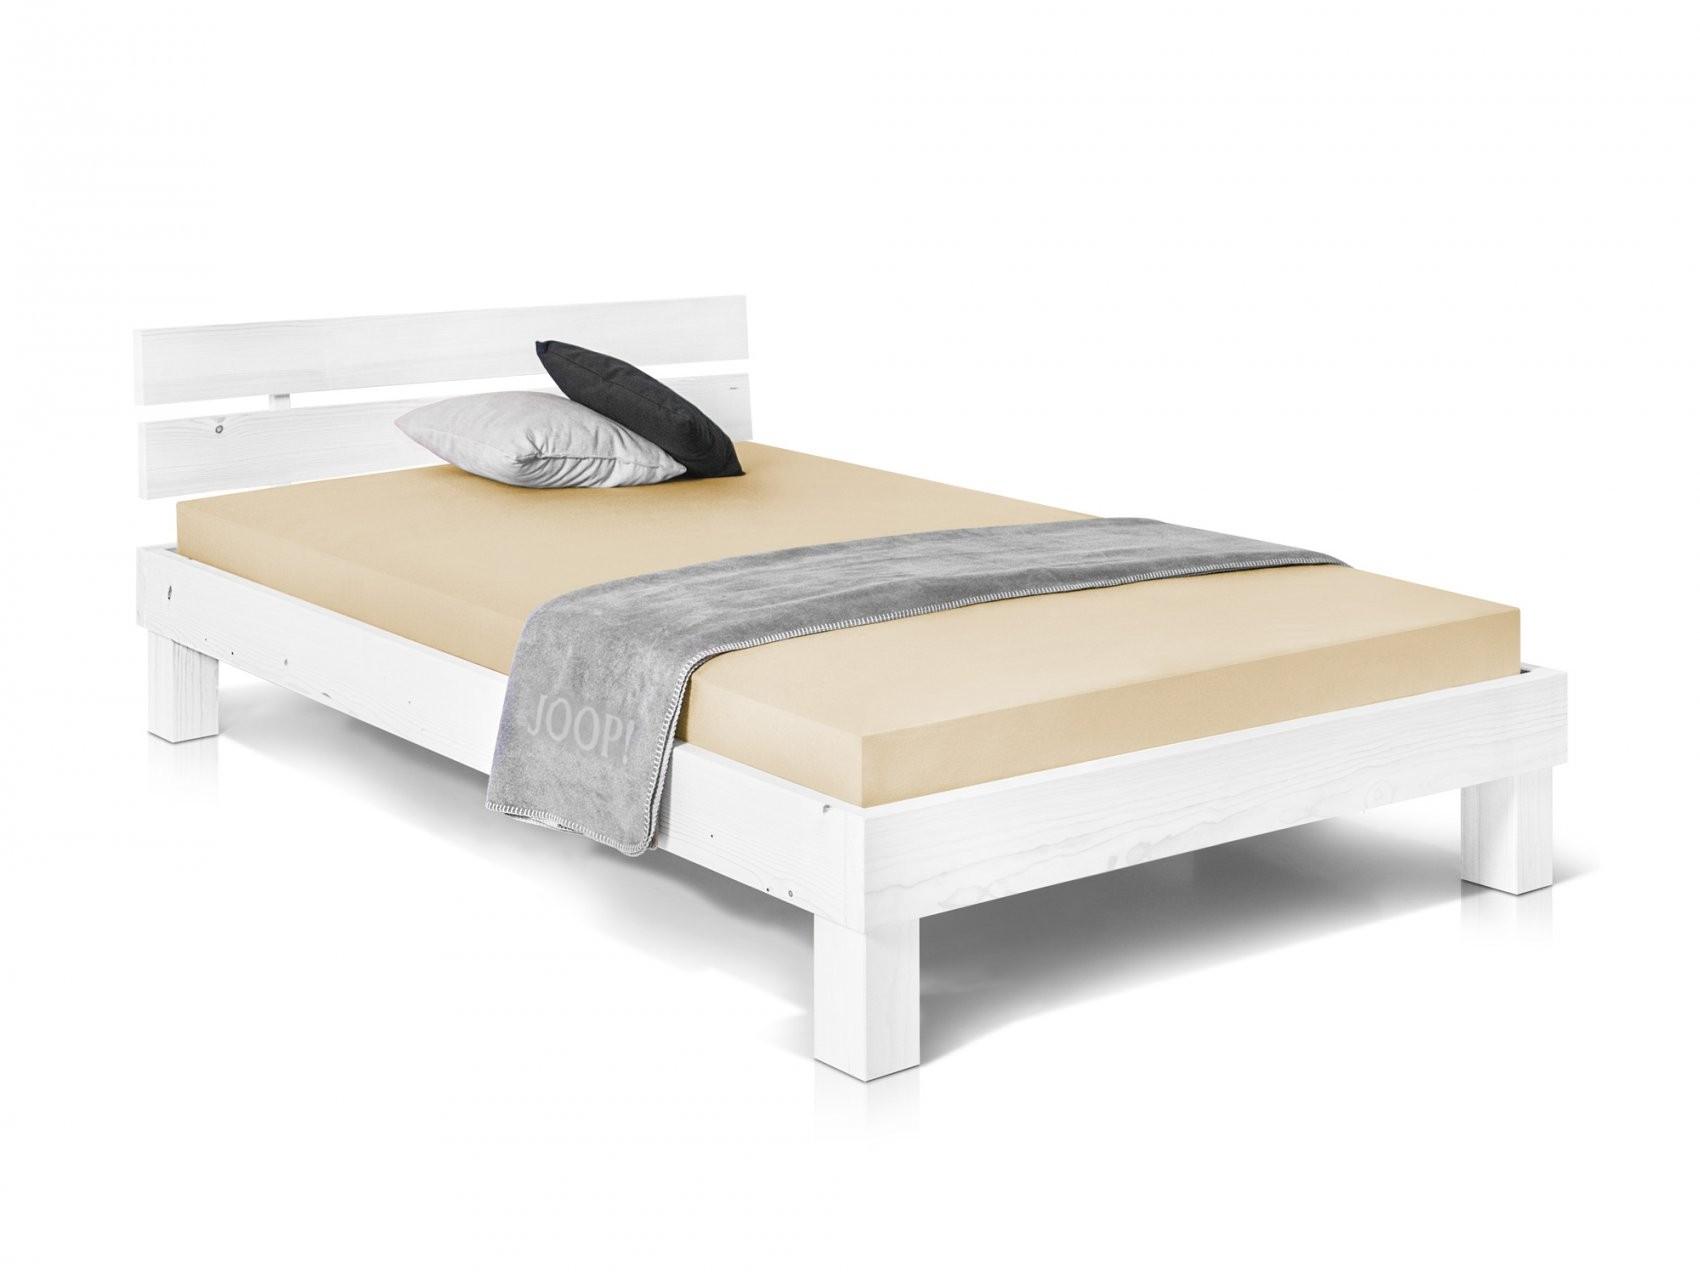 Pumba Singlebett Bett Futonbett 120X200 Fichte Massiv Weiß Weiss von Bett 120X200 Holz Bild